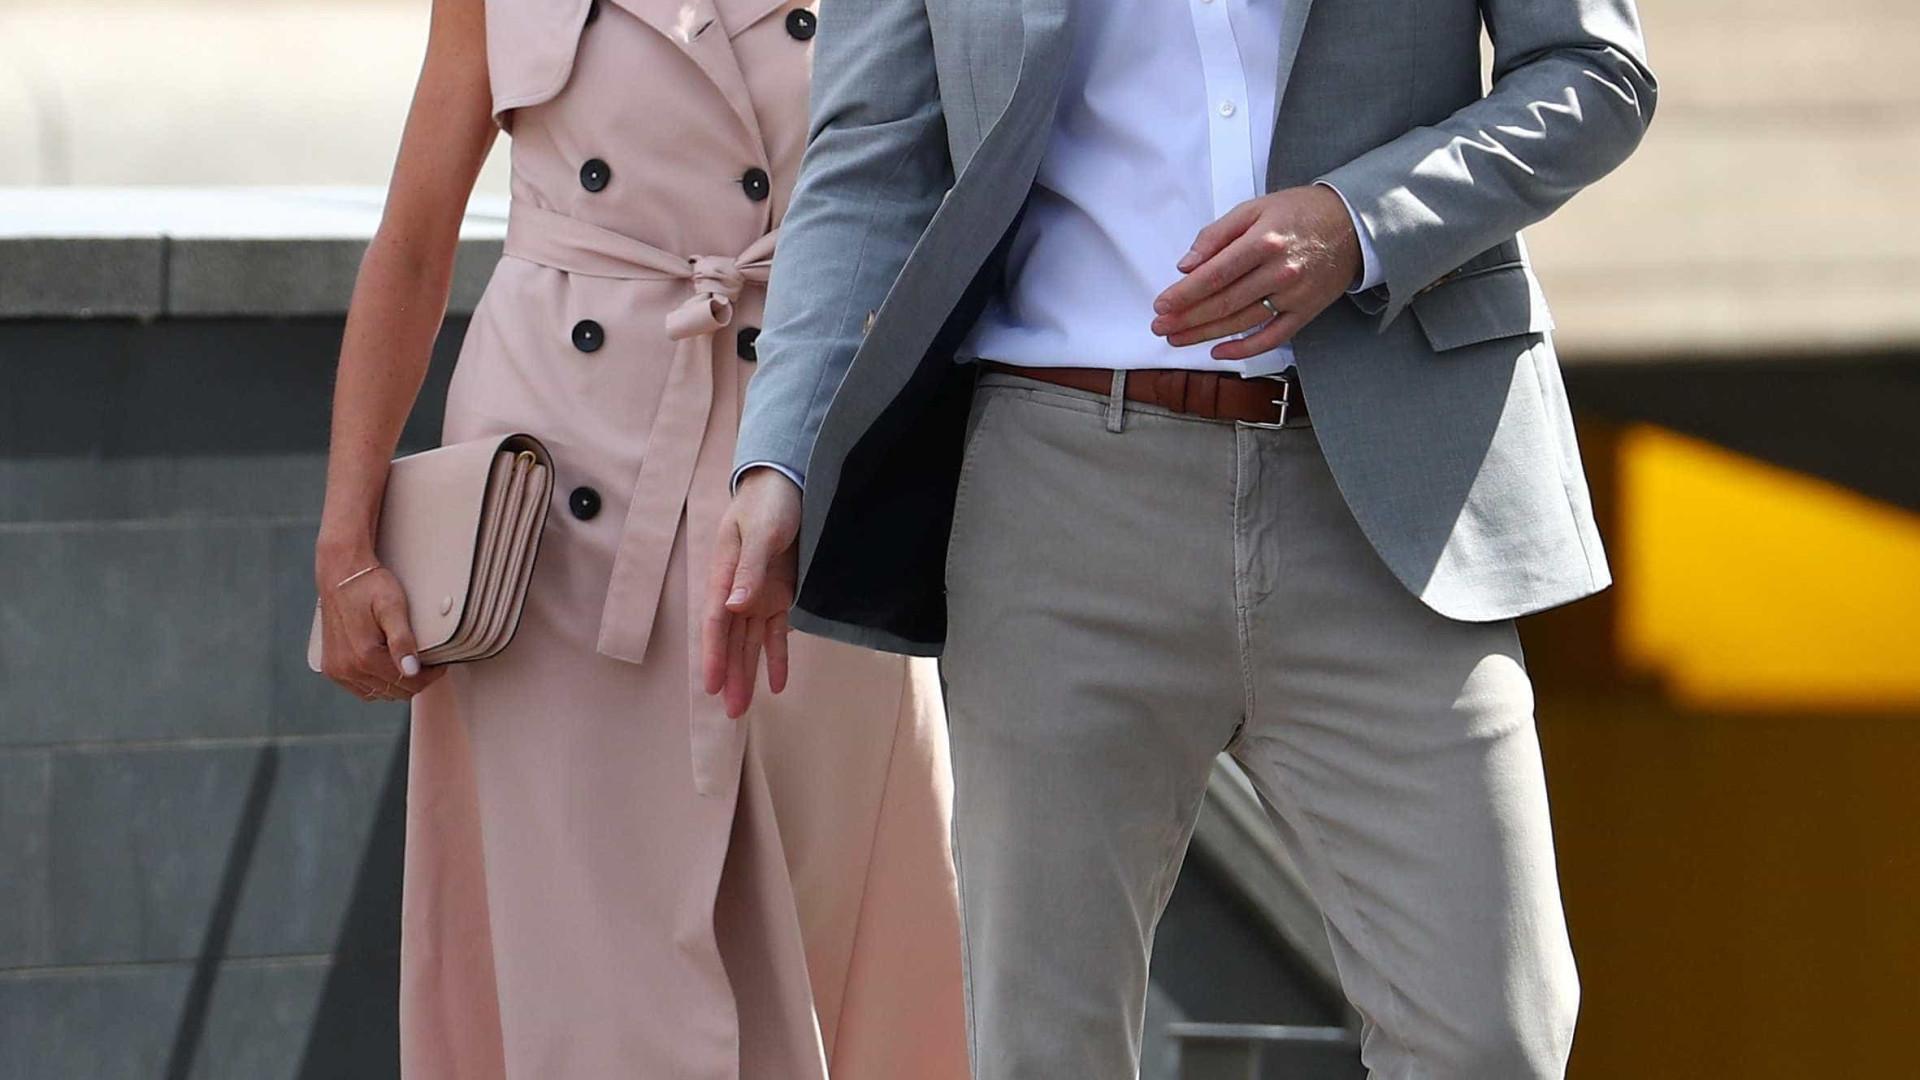 Príncipe Harry e Meghan visitam exposição sobre Mandela em Londres